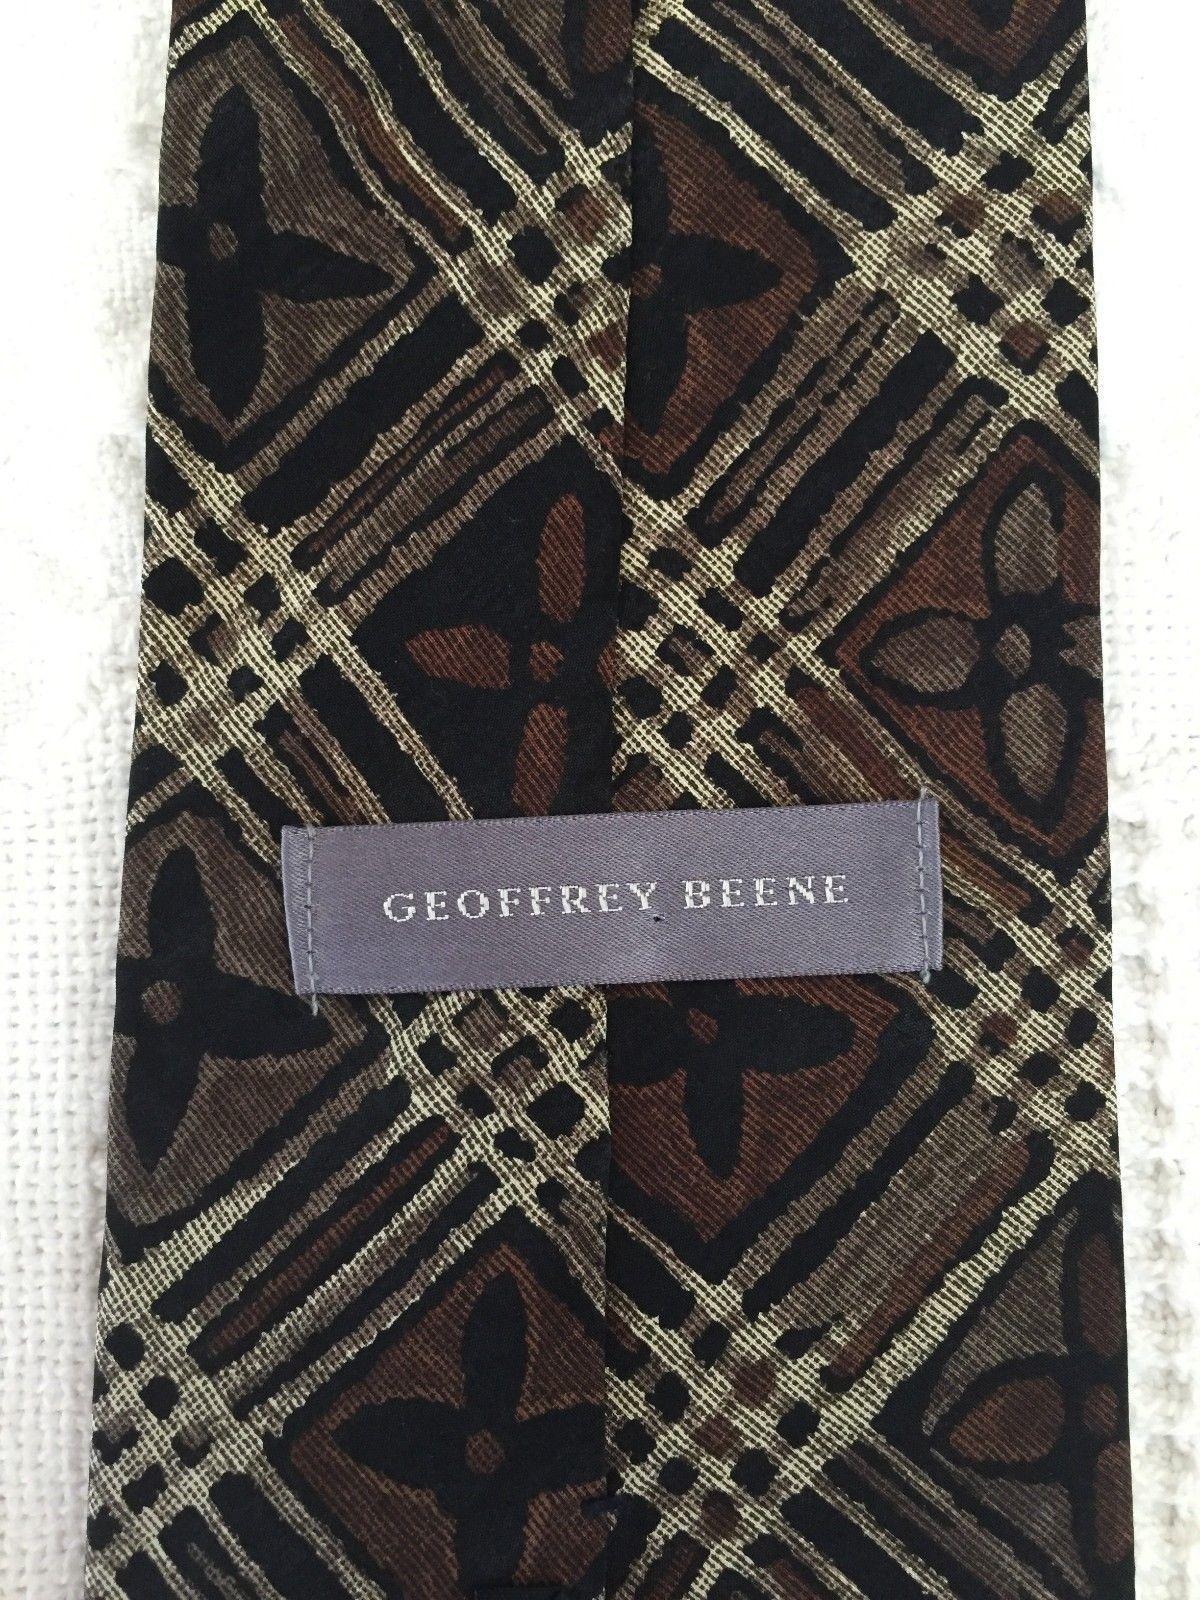 """GEOFFREY BEENE Mens Brown Taupe FLORAL Plaid Necktie Tie 100% Silk 57"""" x 3.75"""" image 4"""